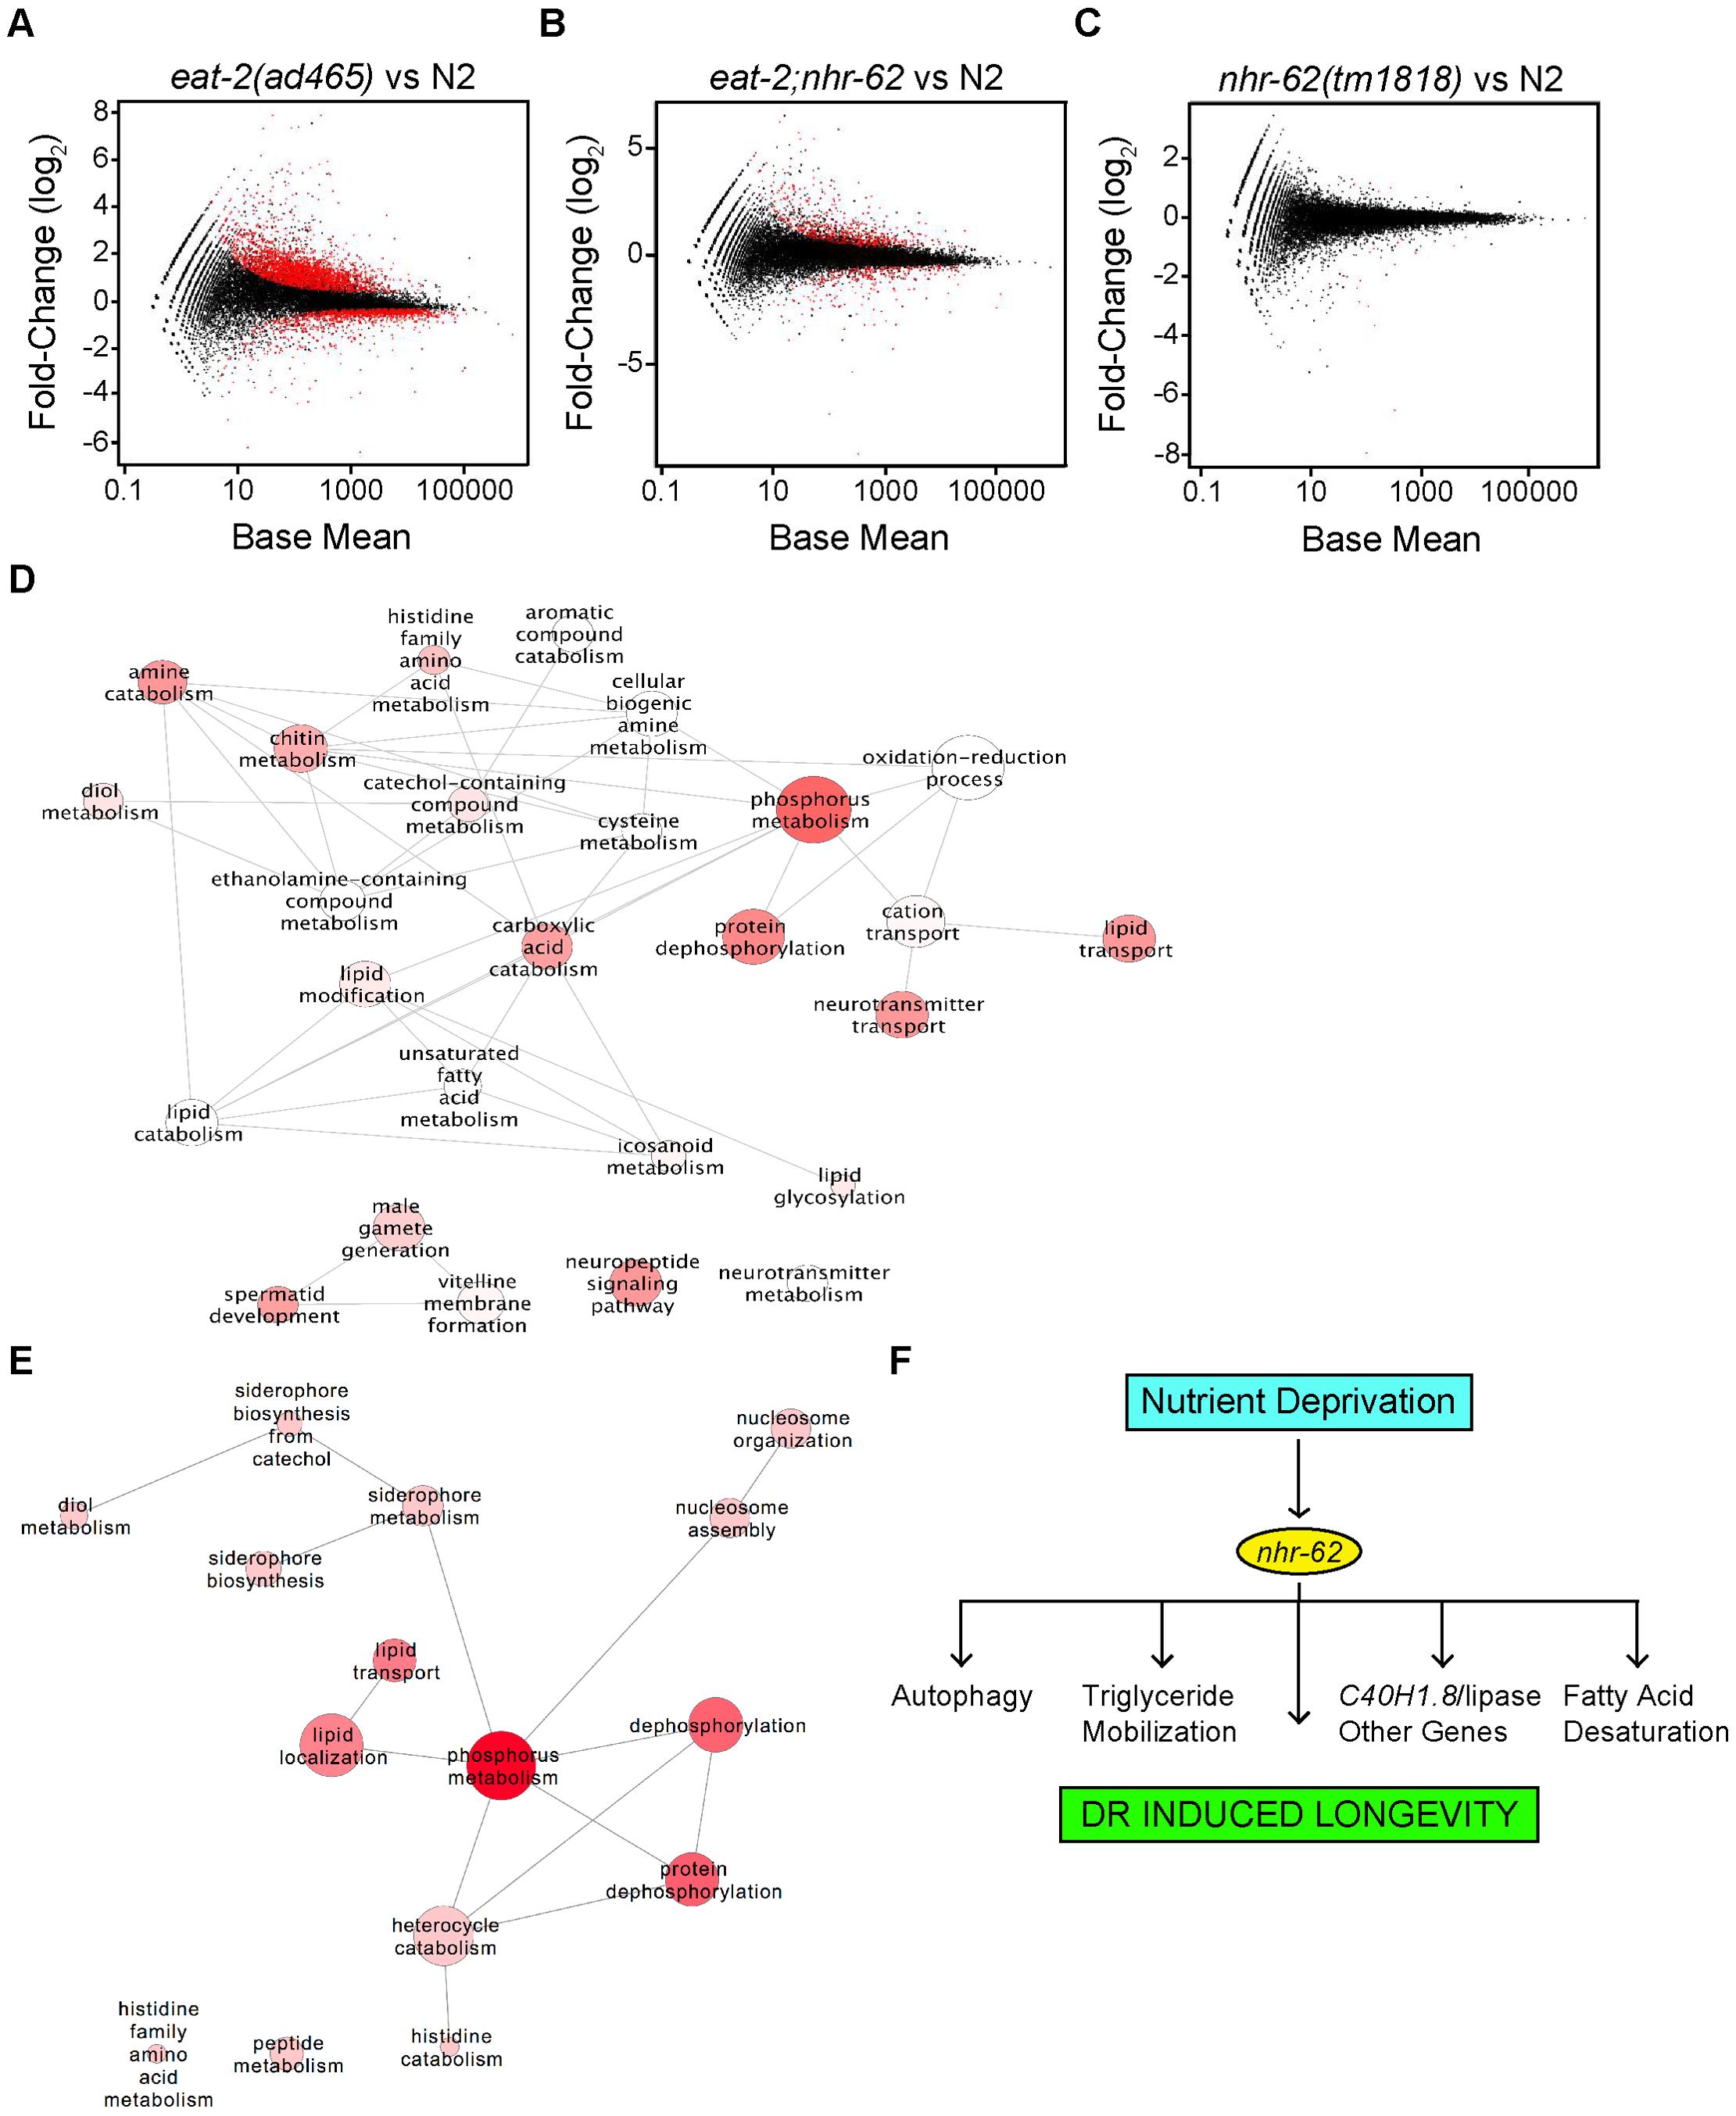 Expression profile analysis of <i>eat-2</i> and <i>nhr-62</i> regulated genes.